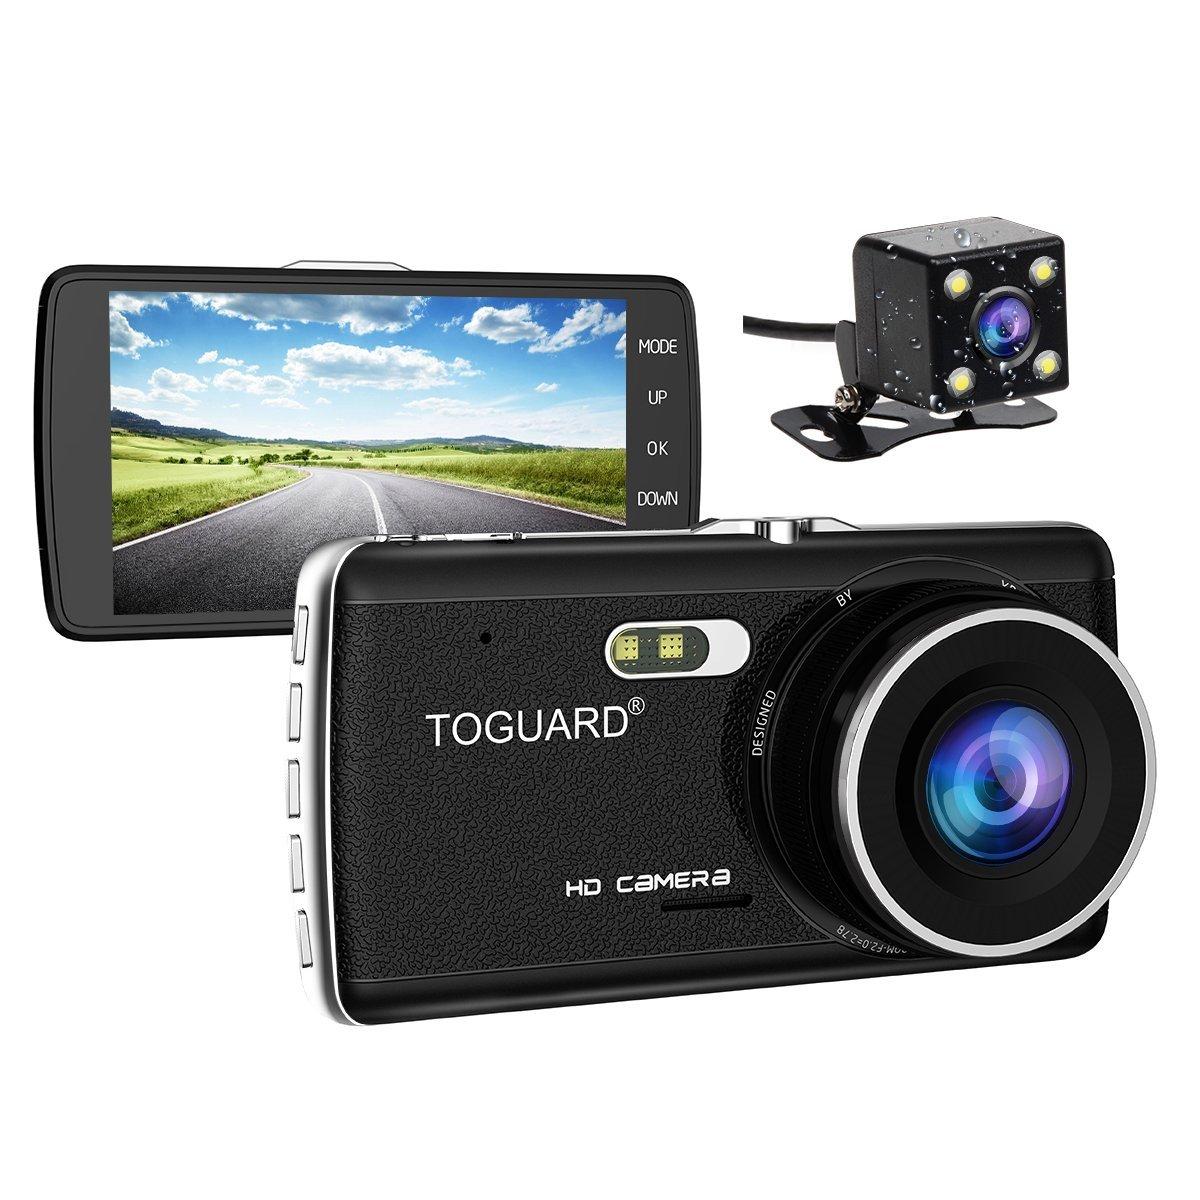 TOGUARD TOGUARD 1080PフルHD デュアルドライブレコーダー